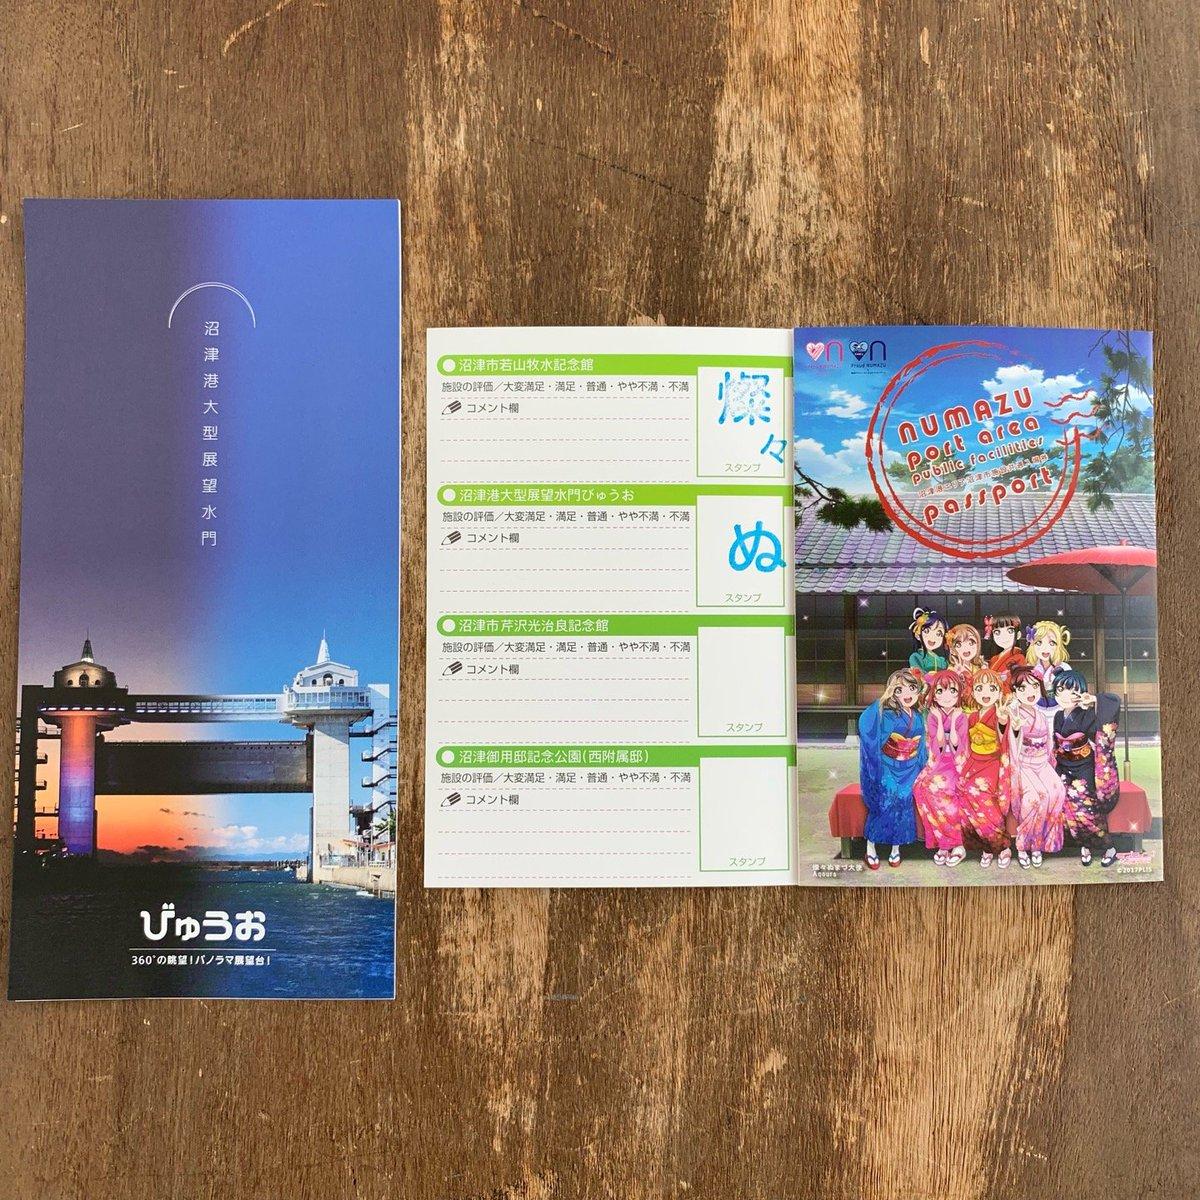 沼津港大型展望水門「びゅうお」(2)沼津市施設共通入場券